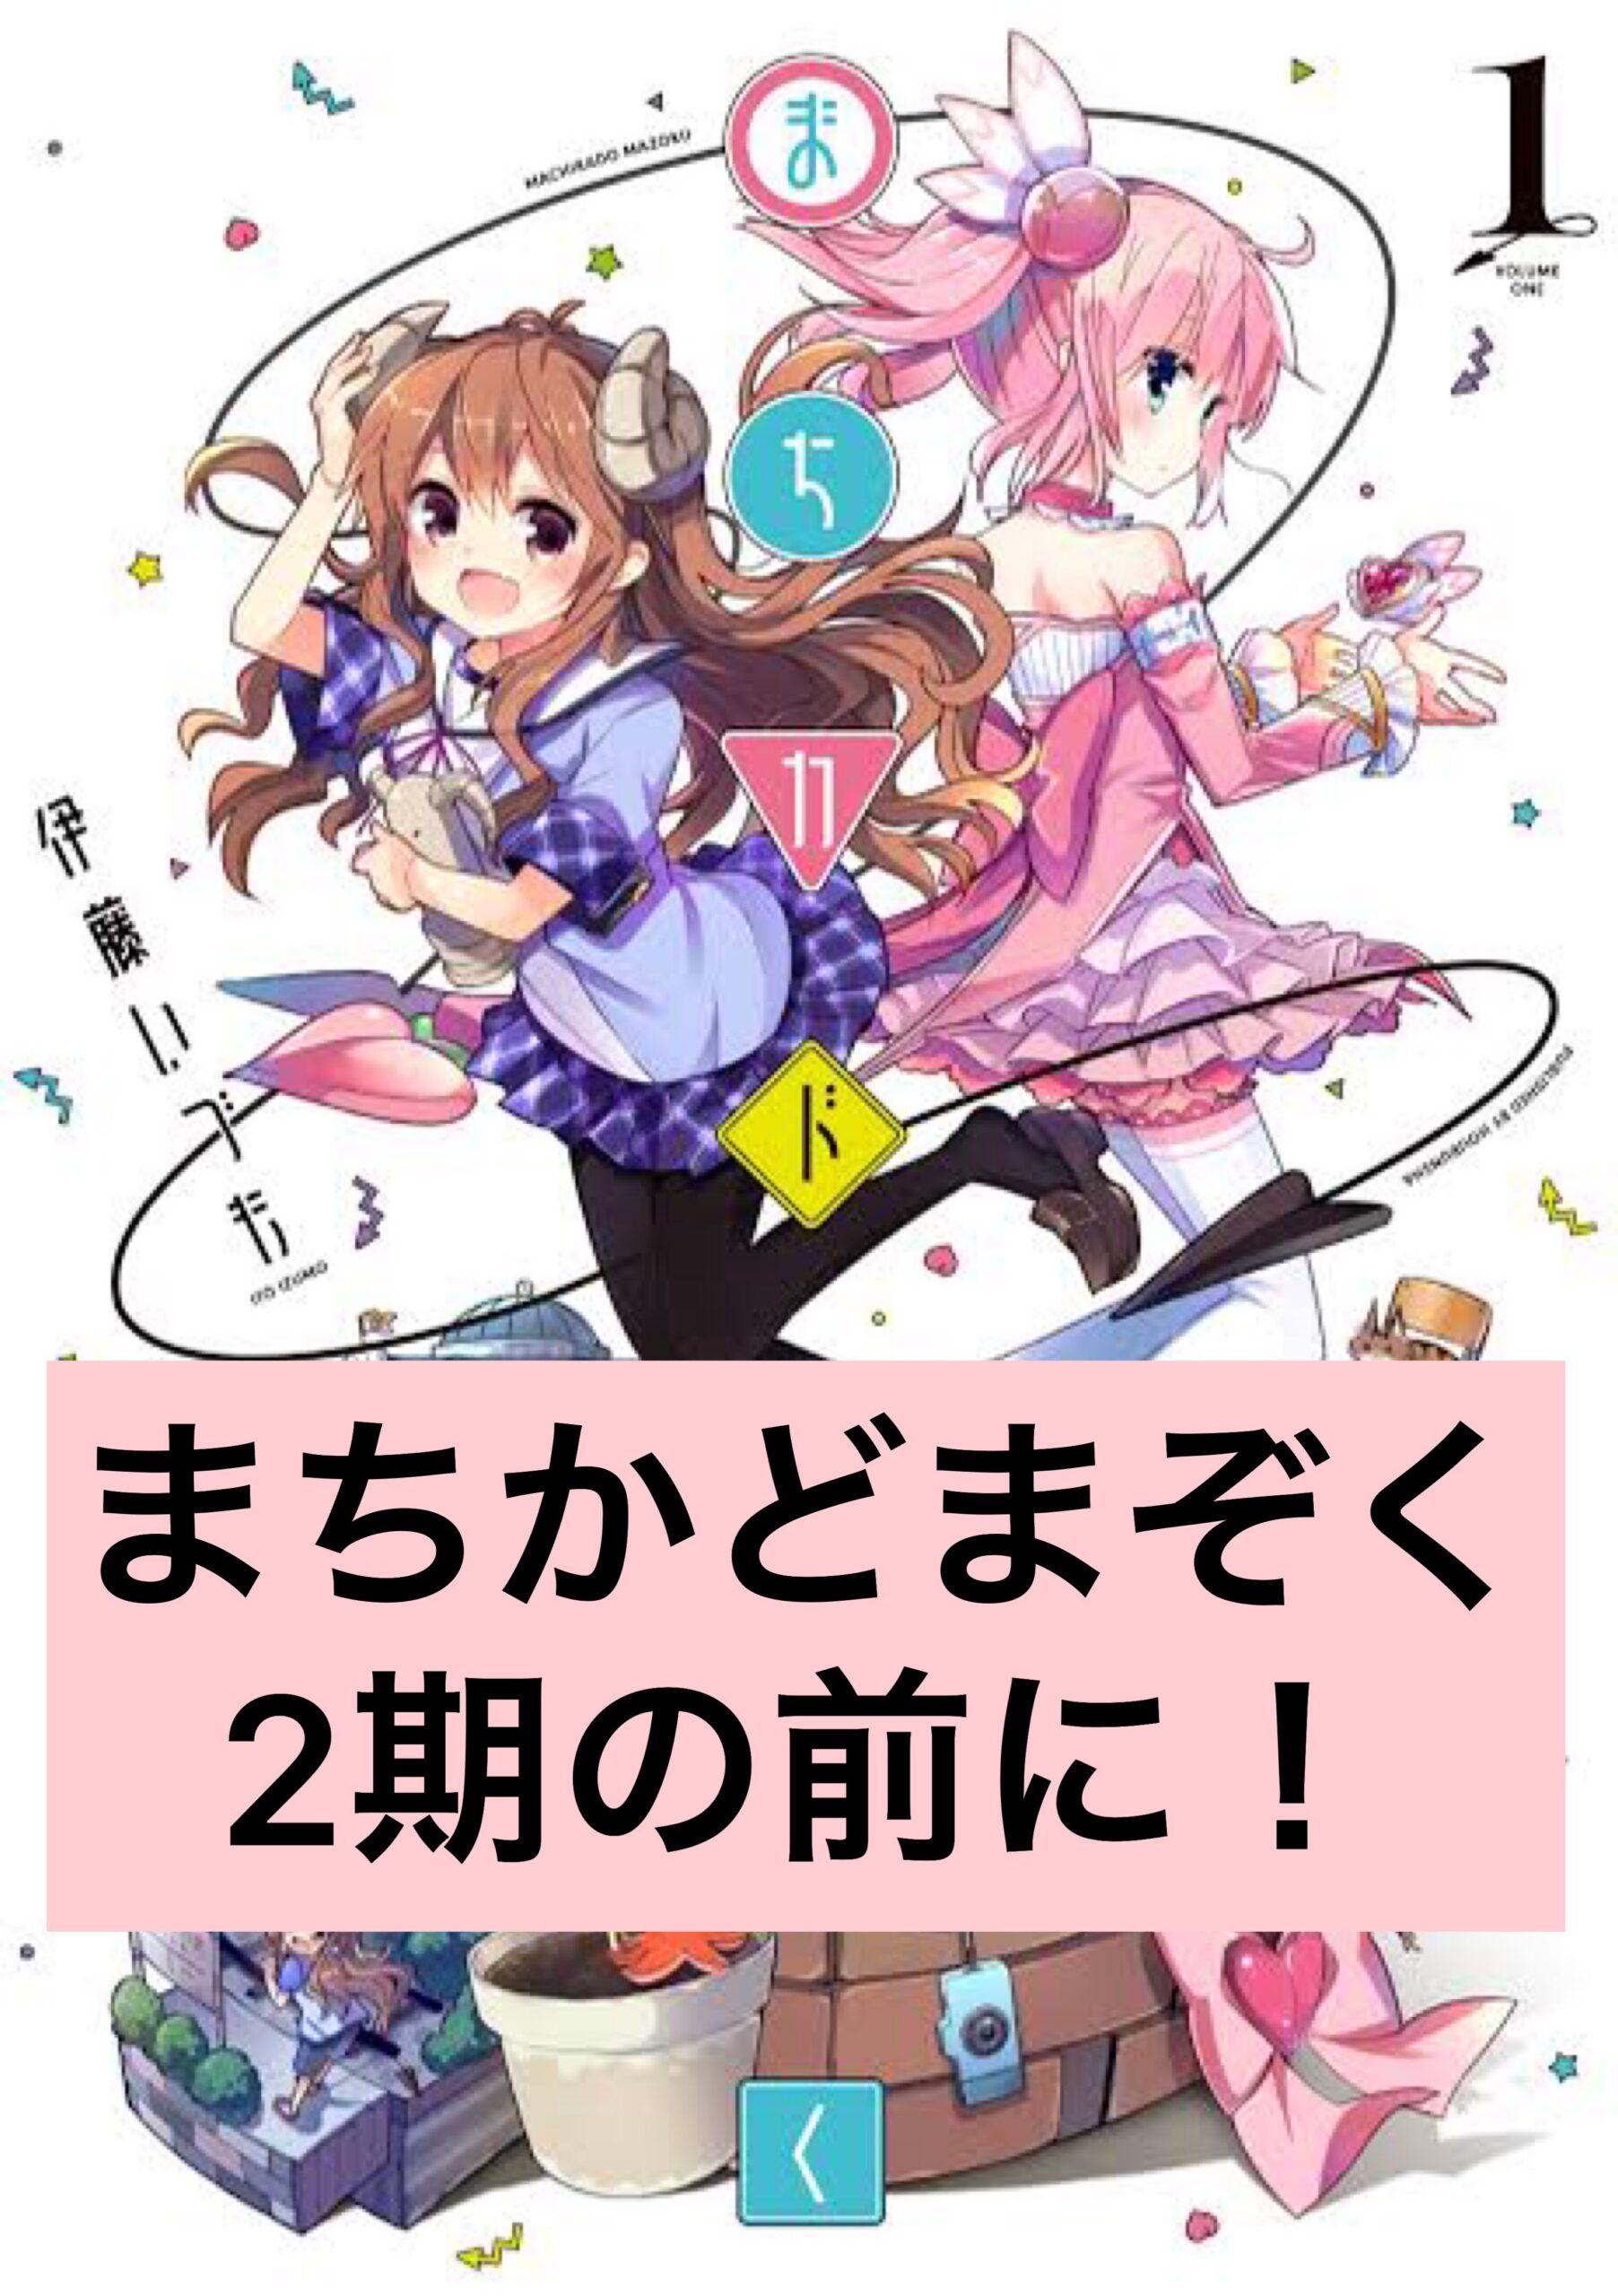 machikadomazoku-hyouka-kansou